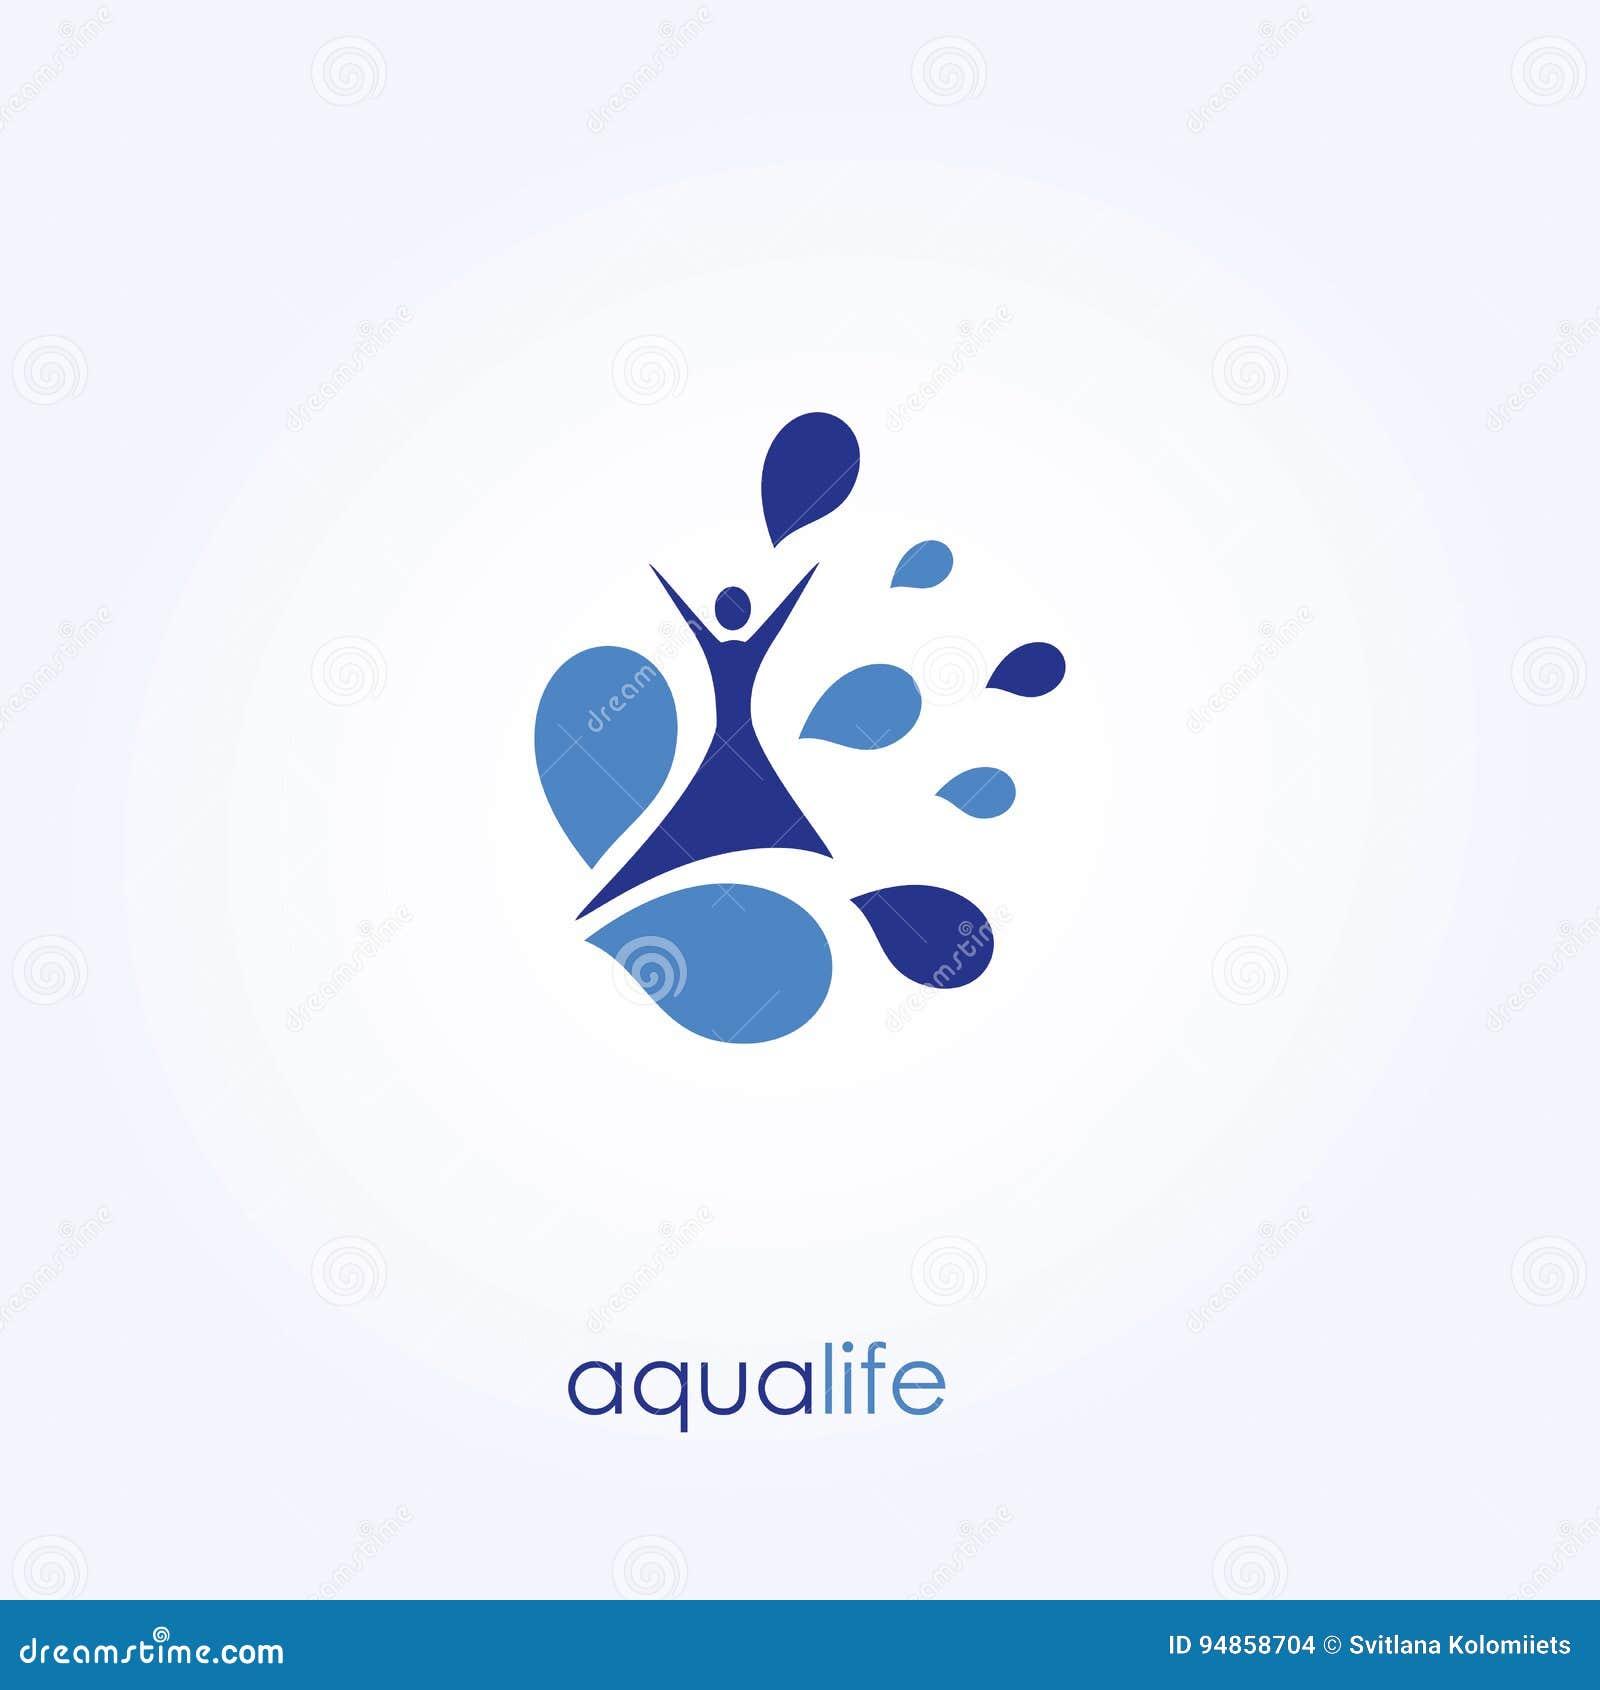 Aqua Life, Waterembleem, Gezonde Levensstijl Vector illustratie